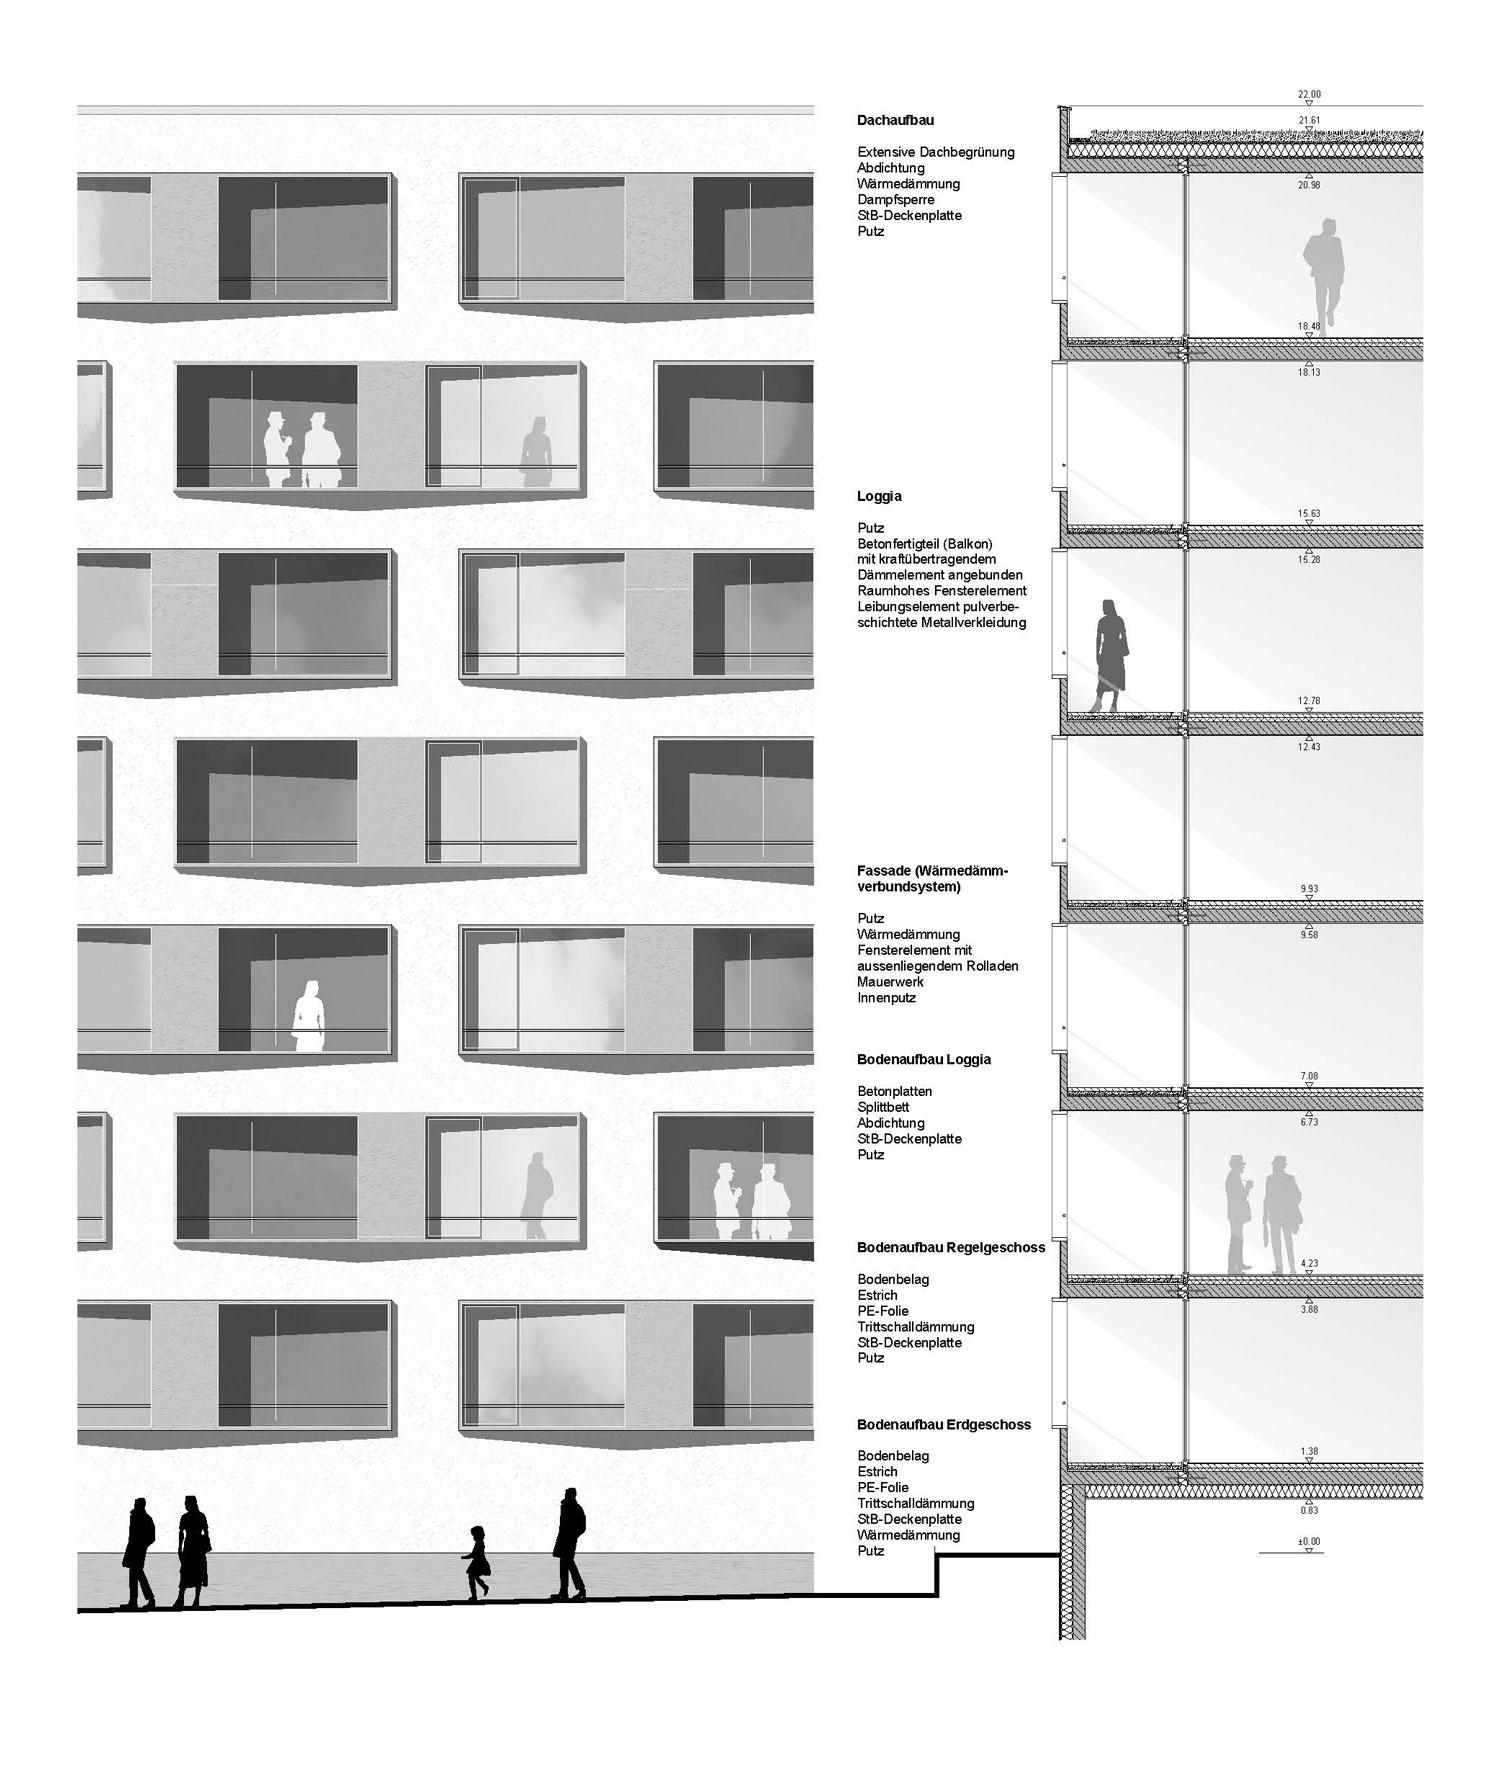 1 Preis Quartier Hoch 4 Competitionline